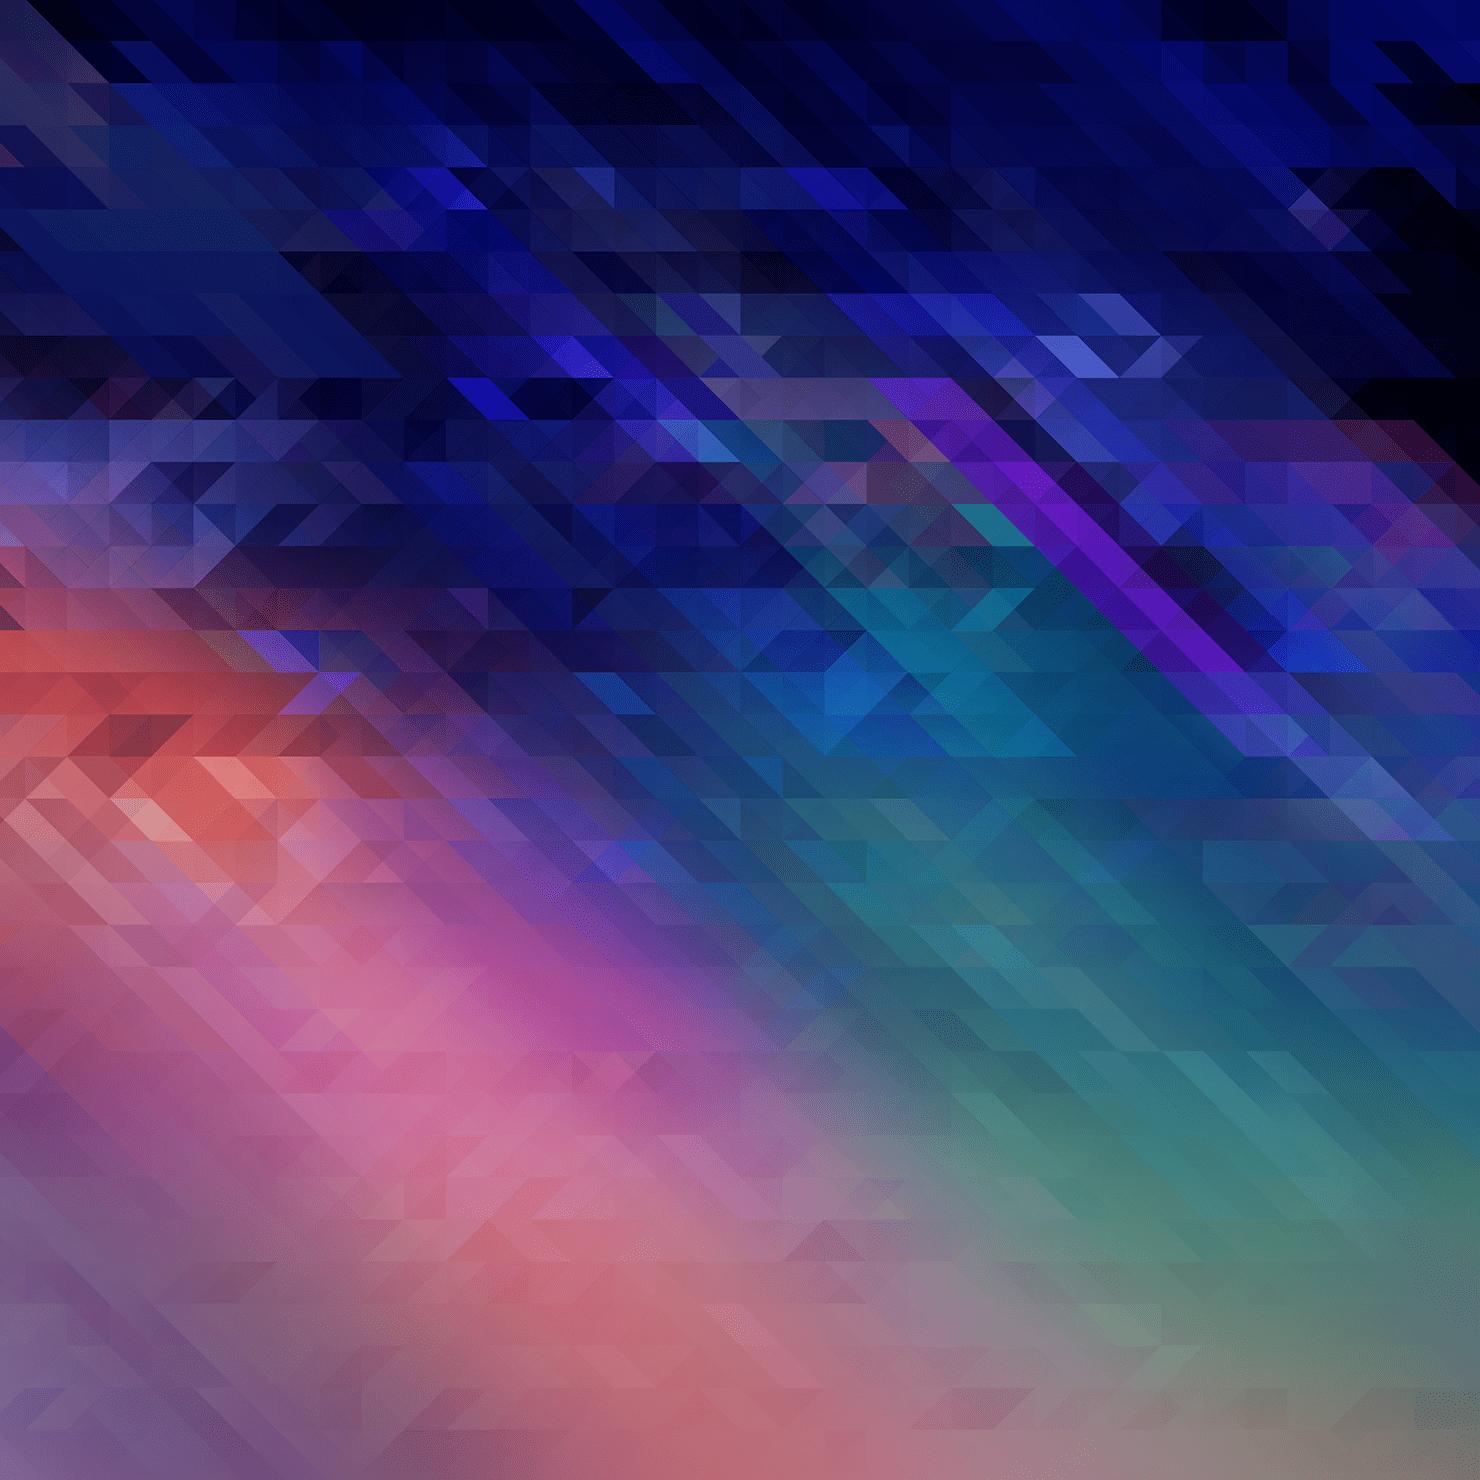 galaxy a6 2018 wallpapers droidvendor 4 DroidVendor 1480x1480